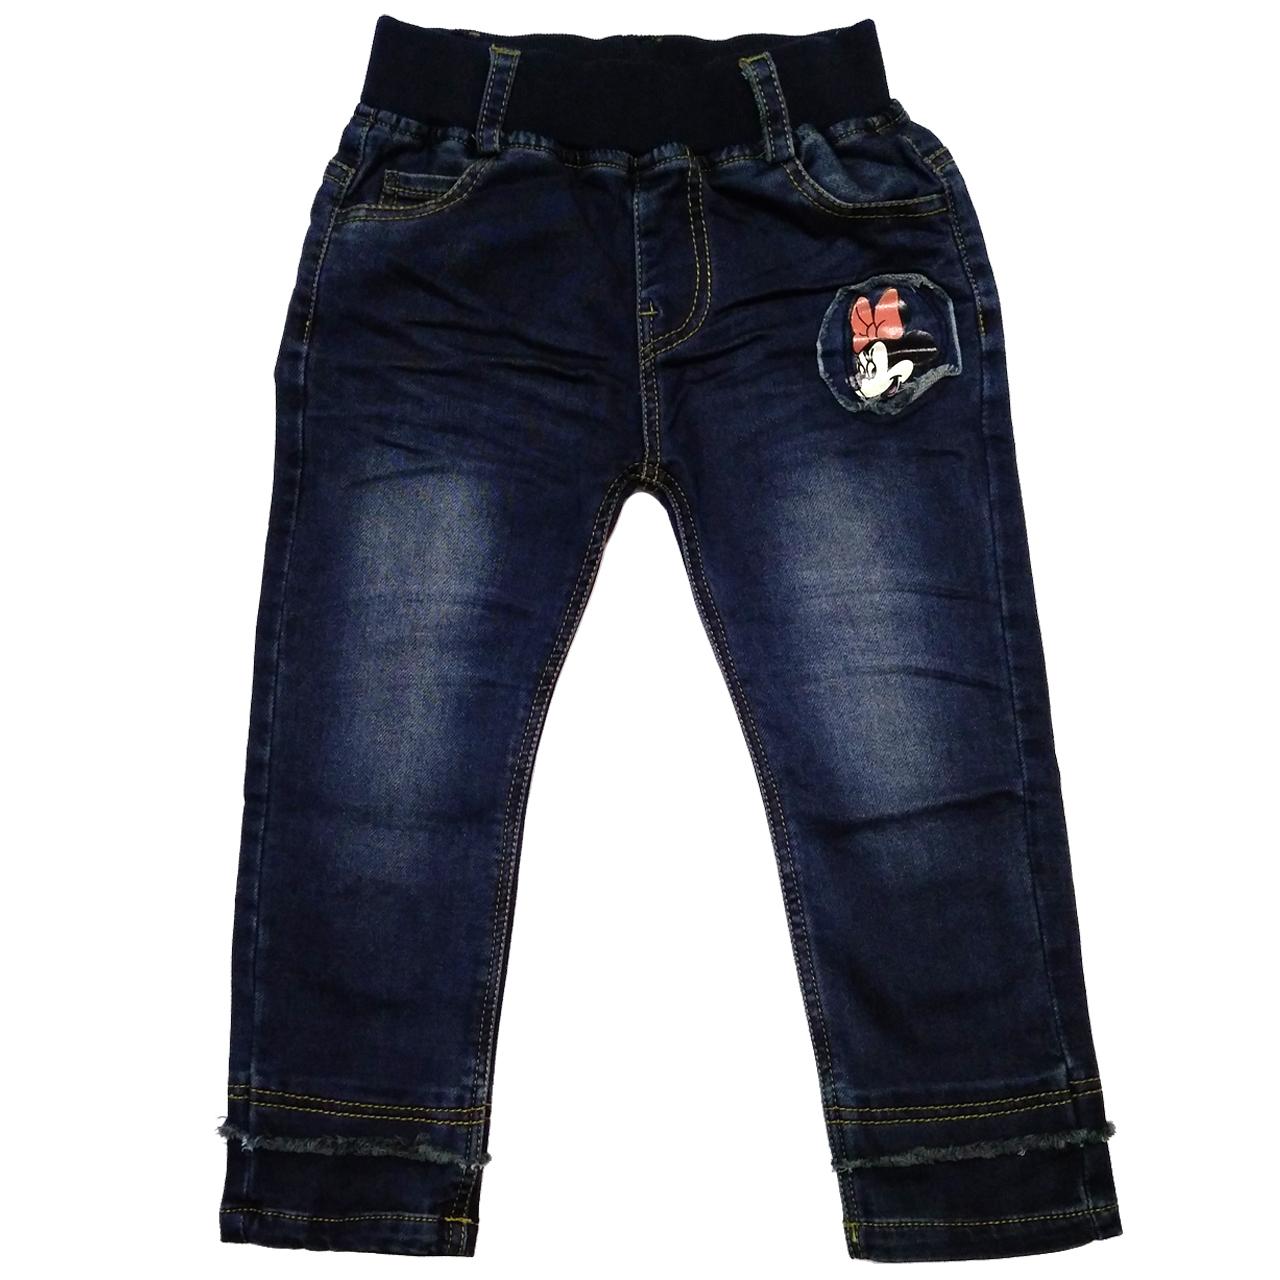 شلوار جین بچگانه طرح میکی موس کد M498